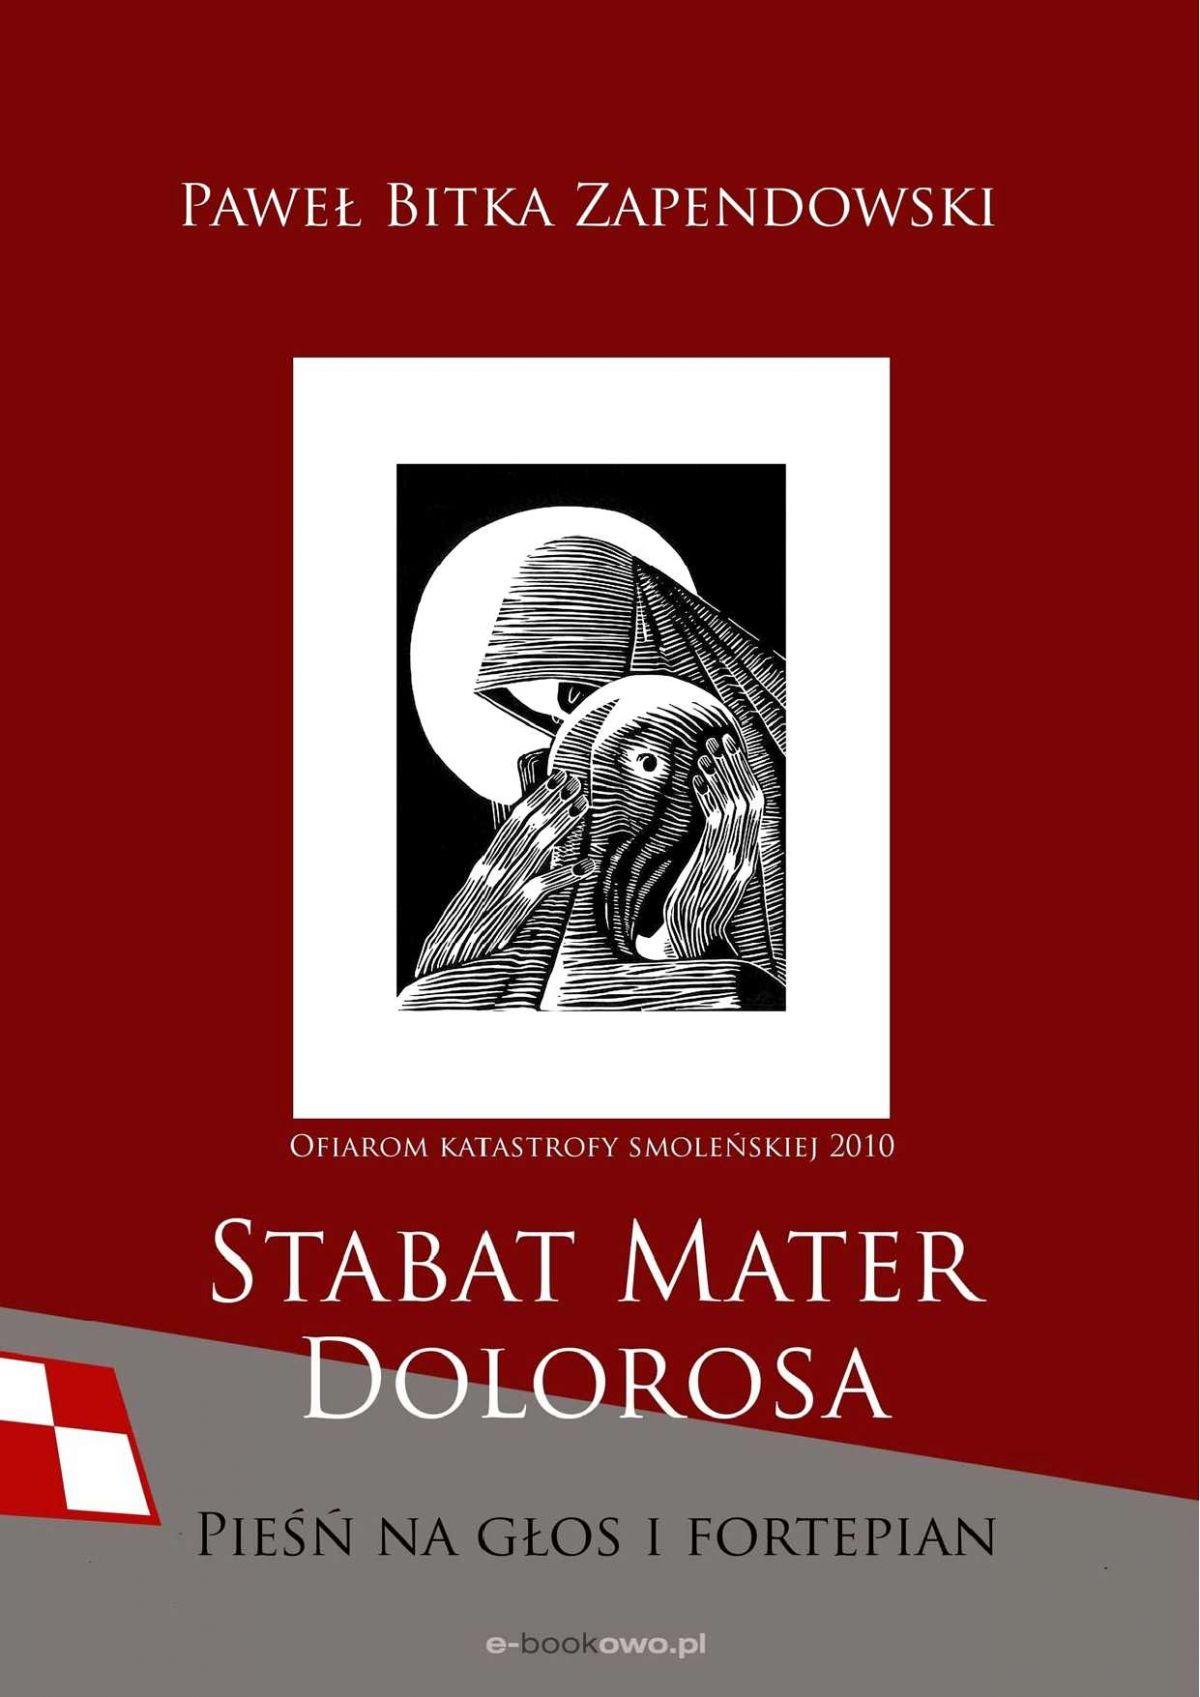 Stabat Mater Dolorosa - smoleńska - Ebook (Książka PDF) do pobrania w formacie PDF